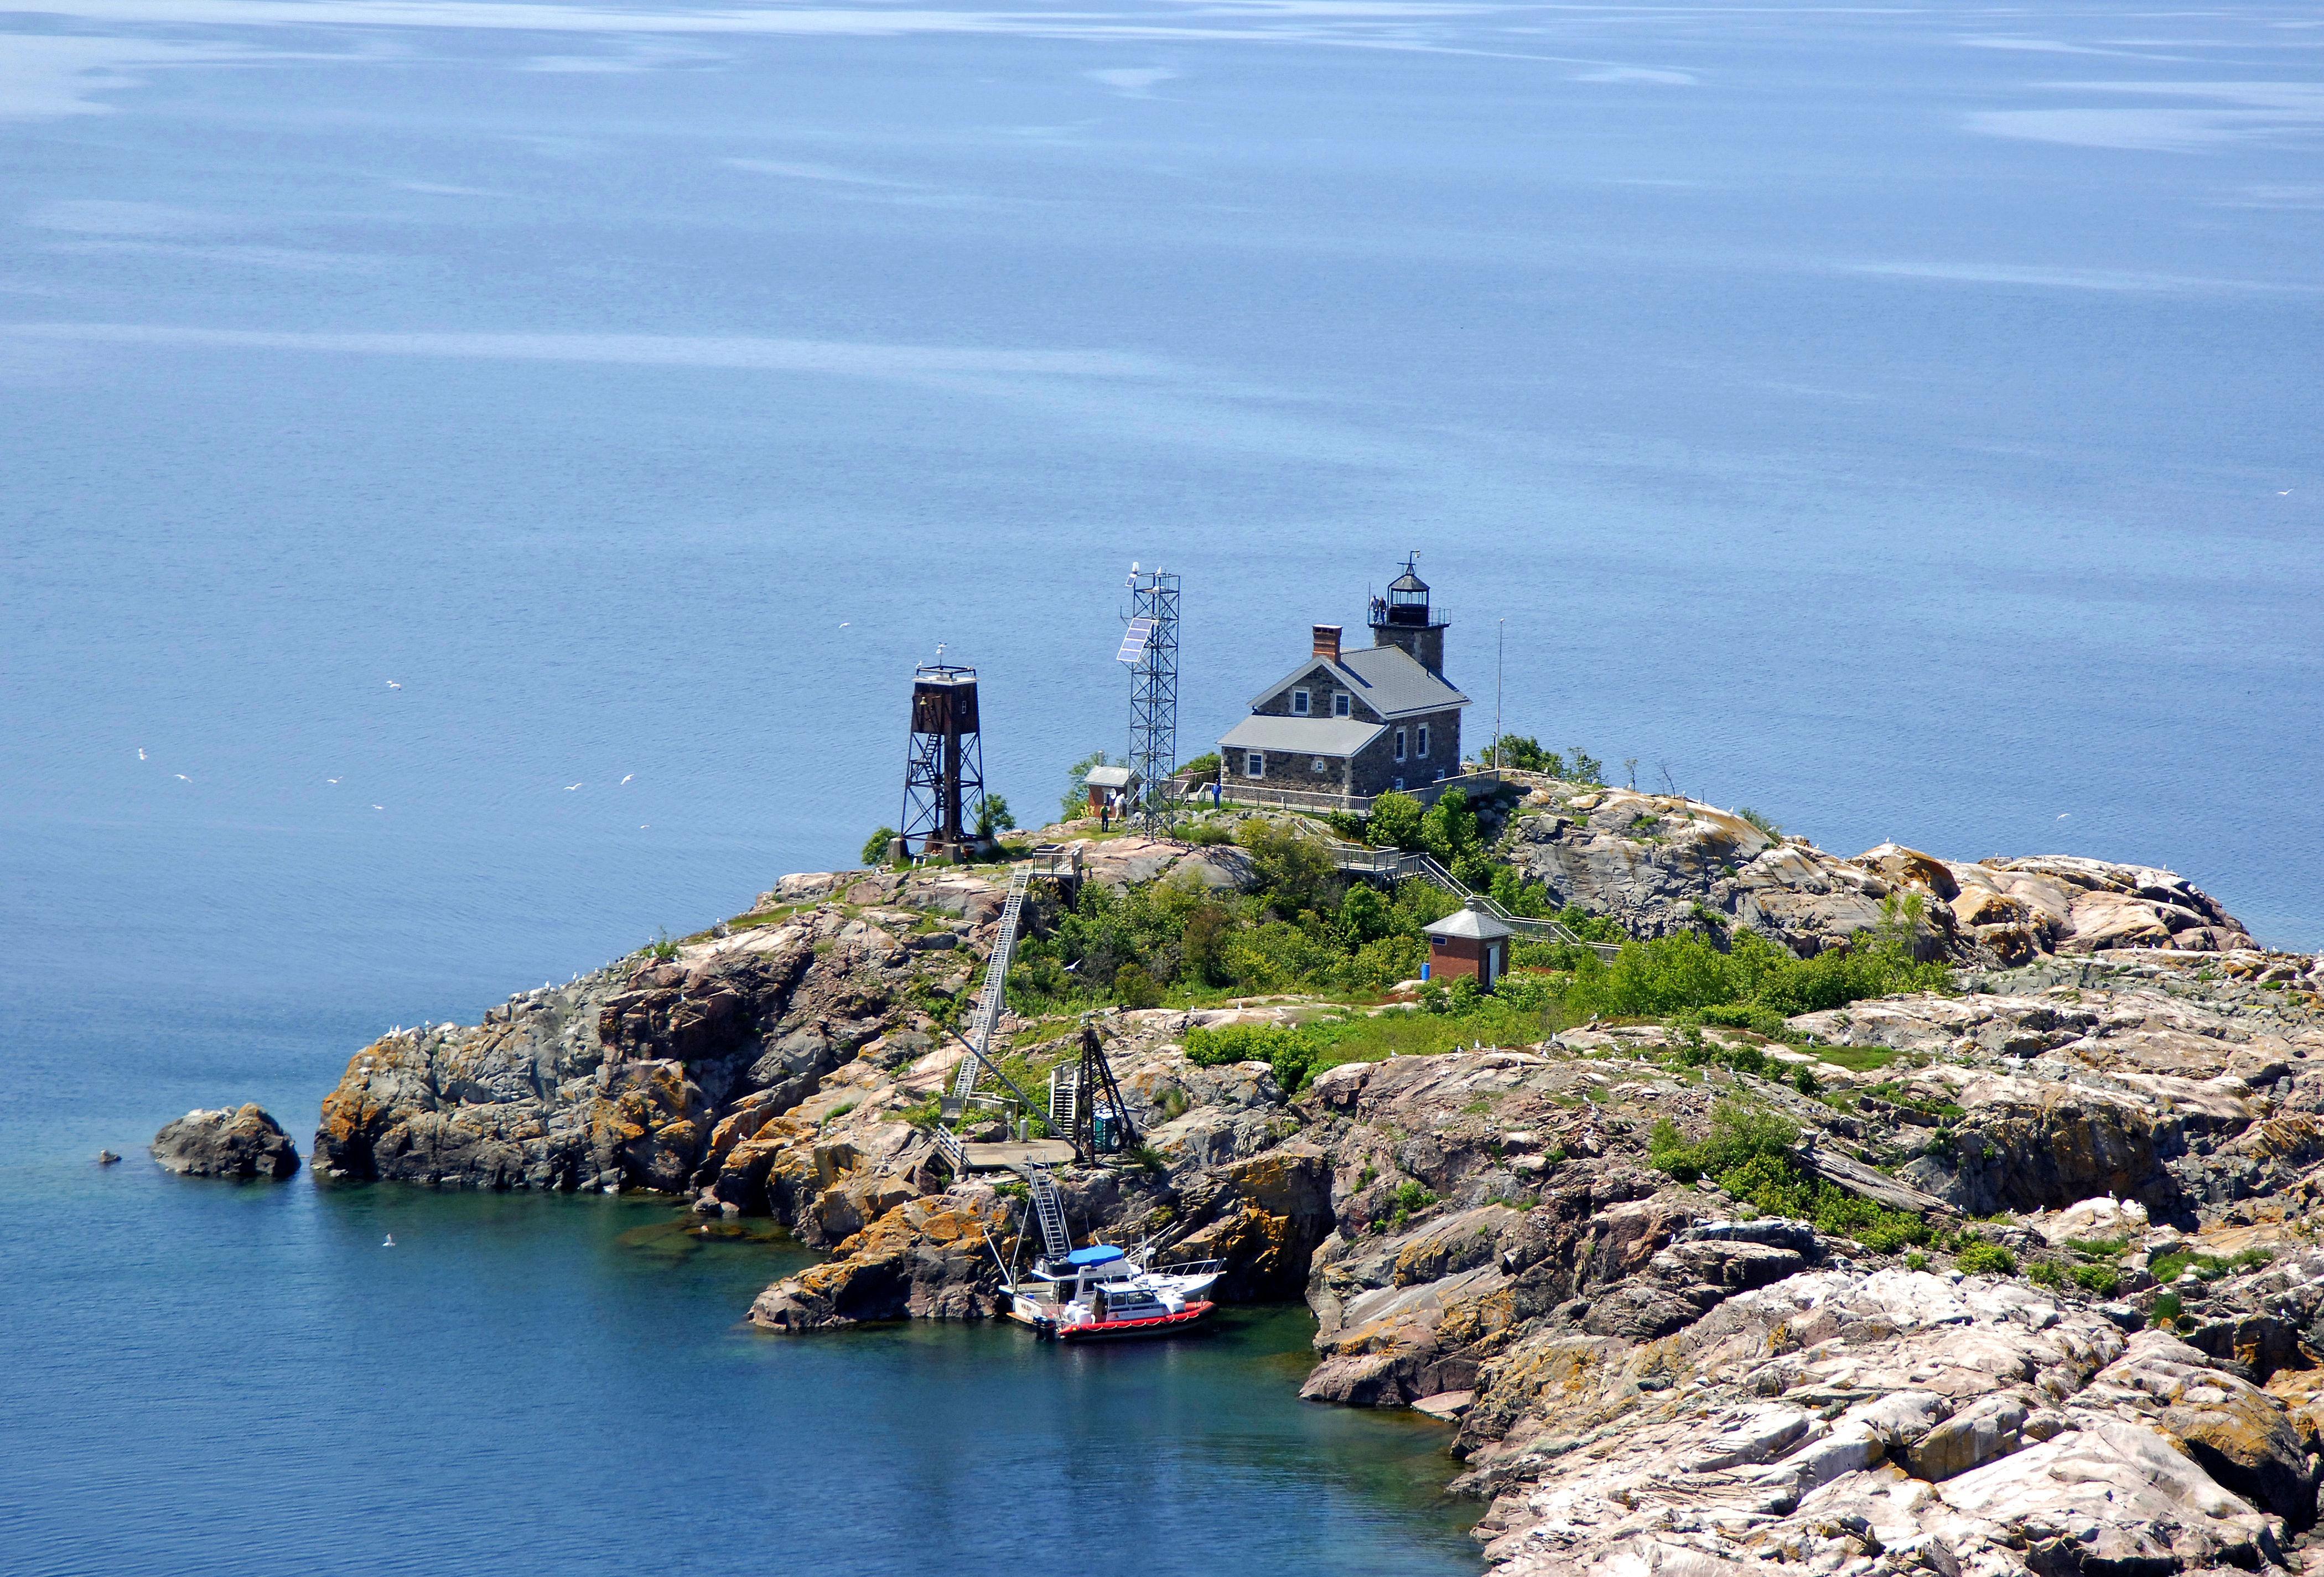 NASA: Tiny Michigan Island picked to measure Earth's Radiation